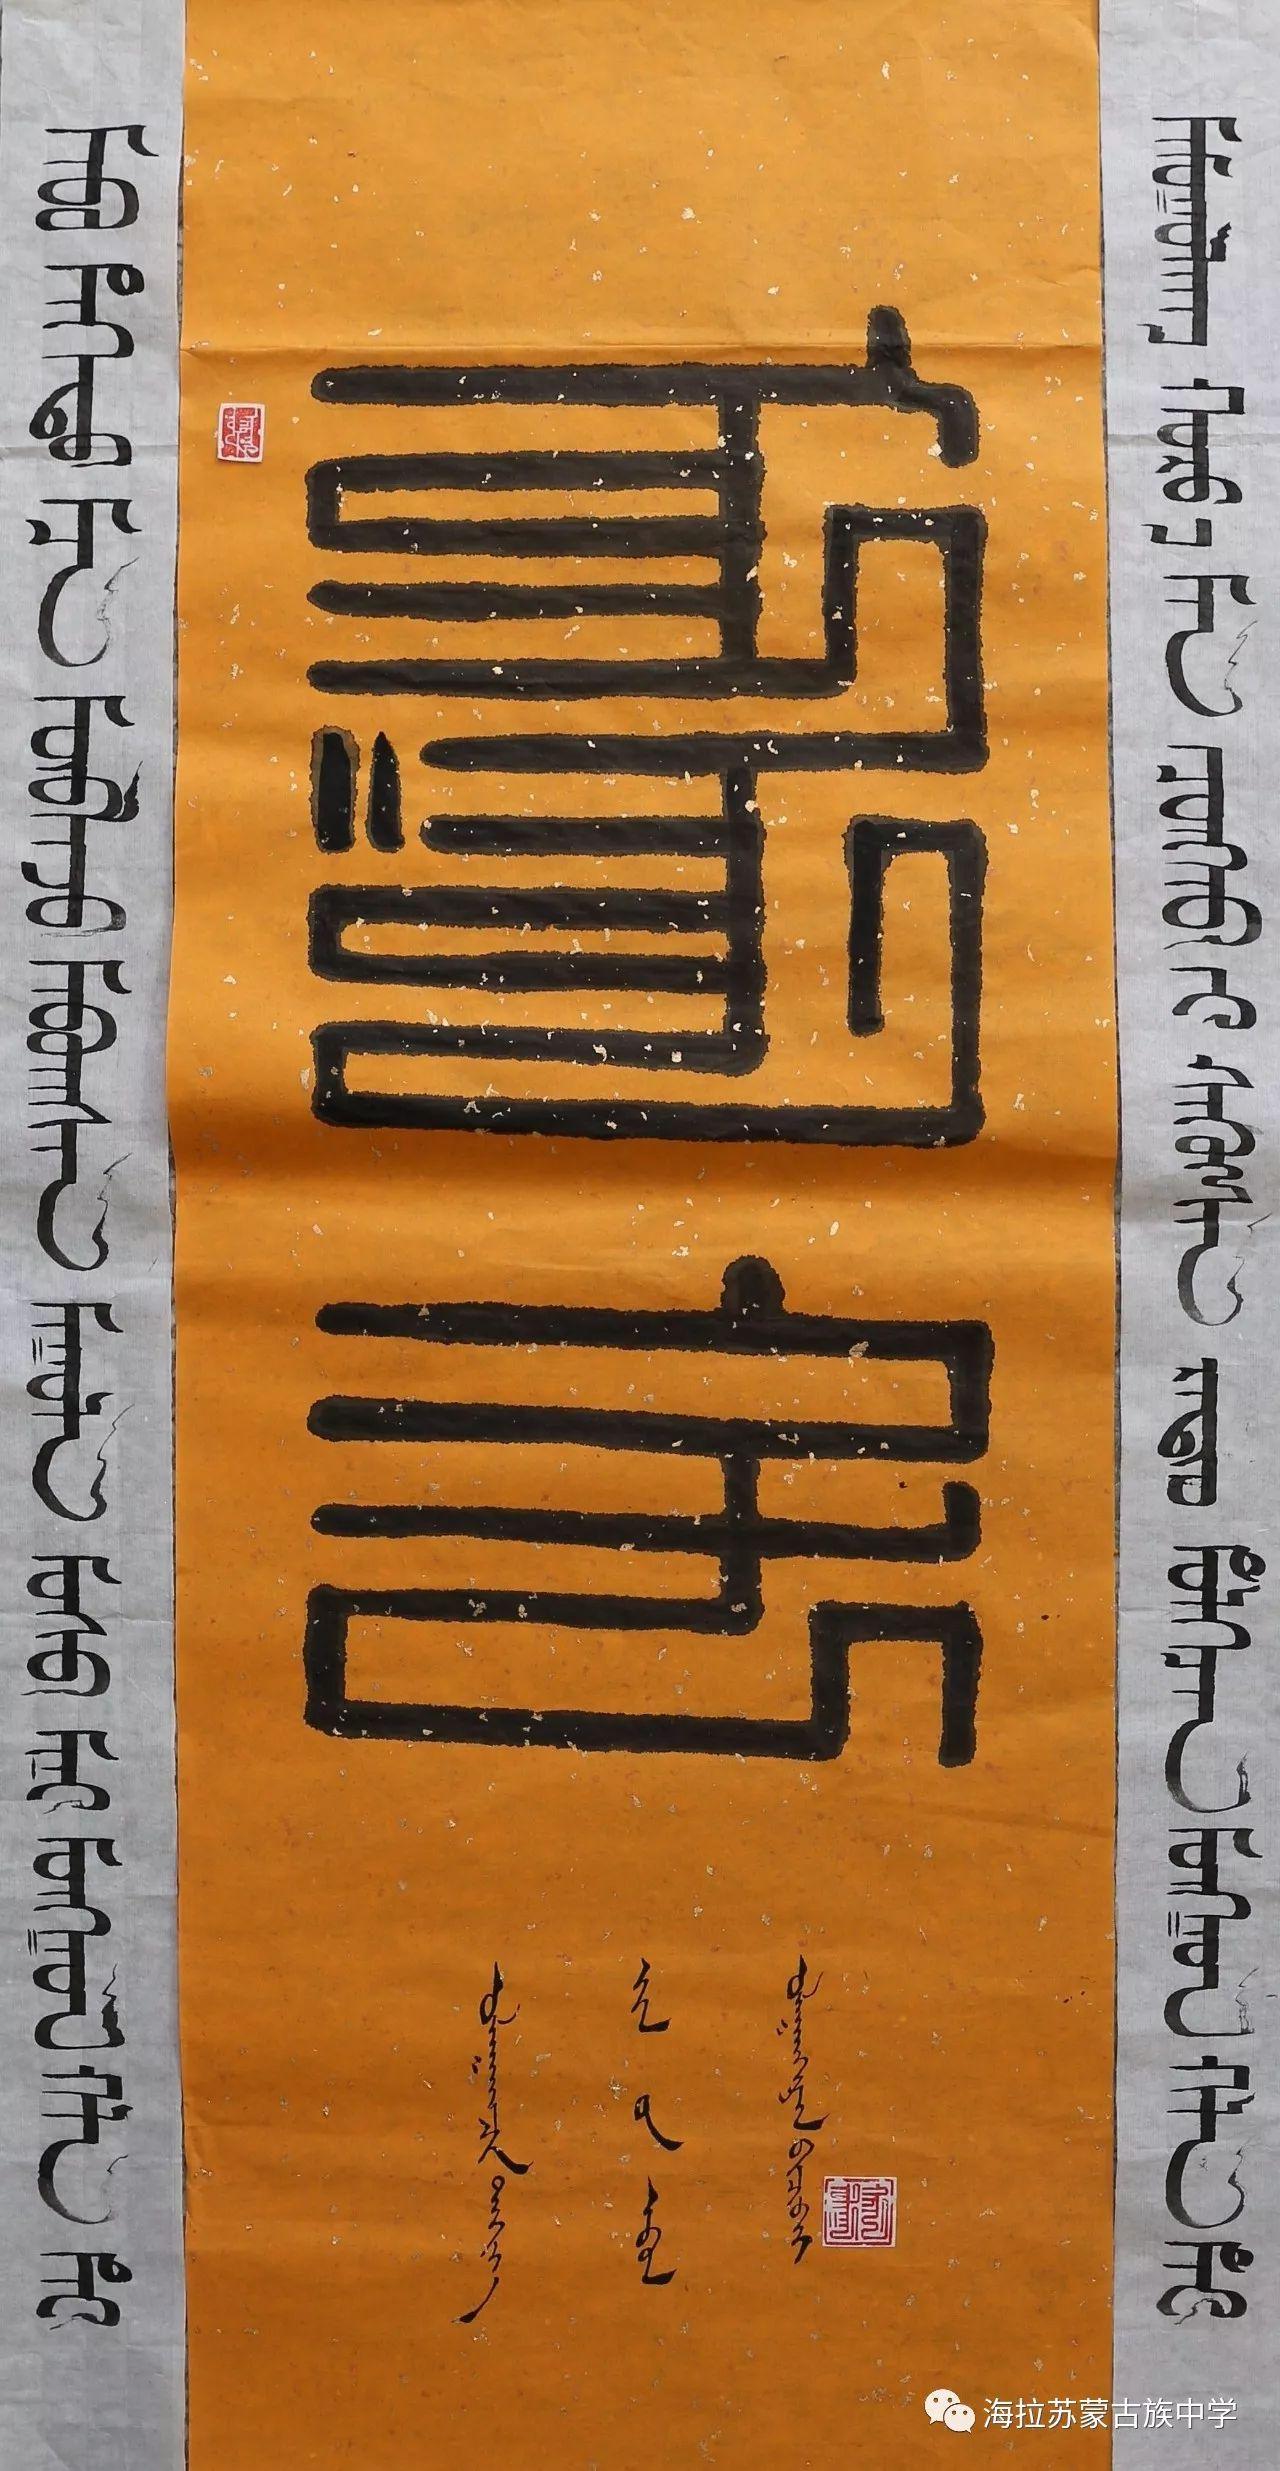 【奥奇】蒙古文书法网络展 第10张